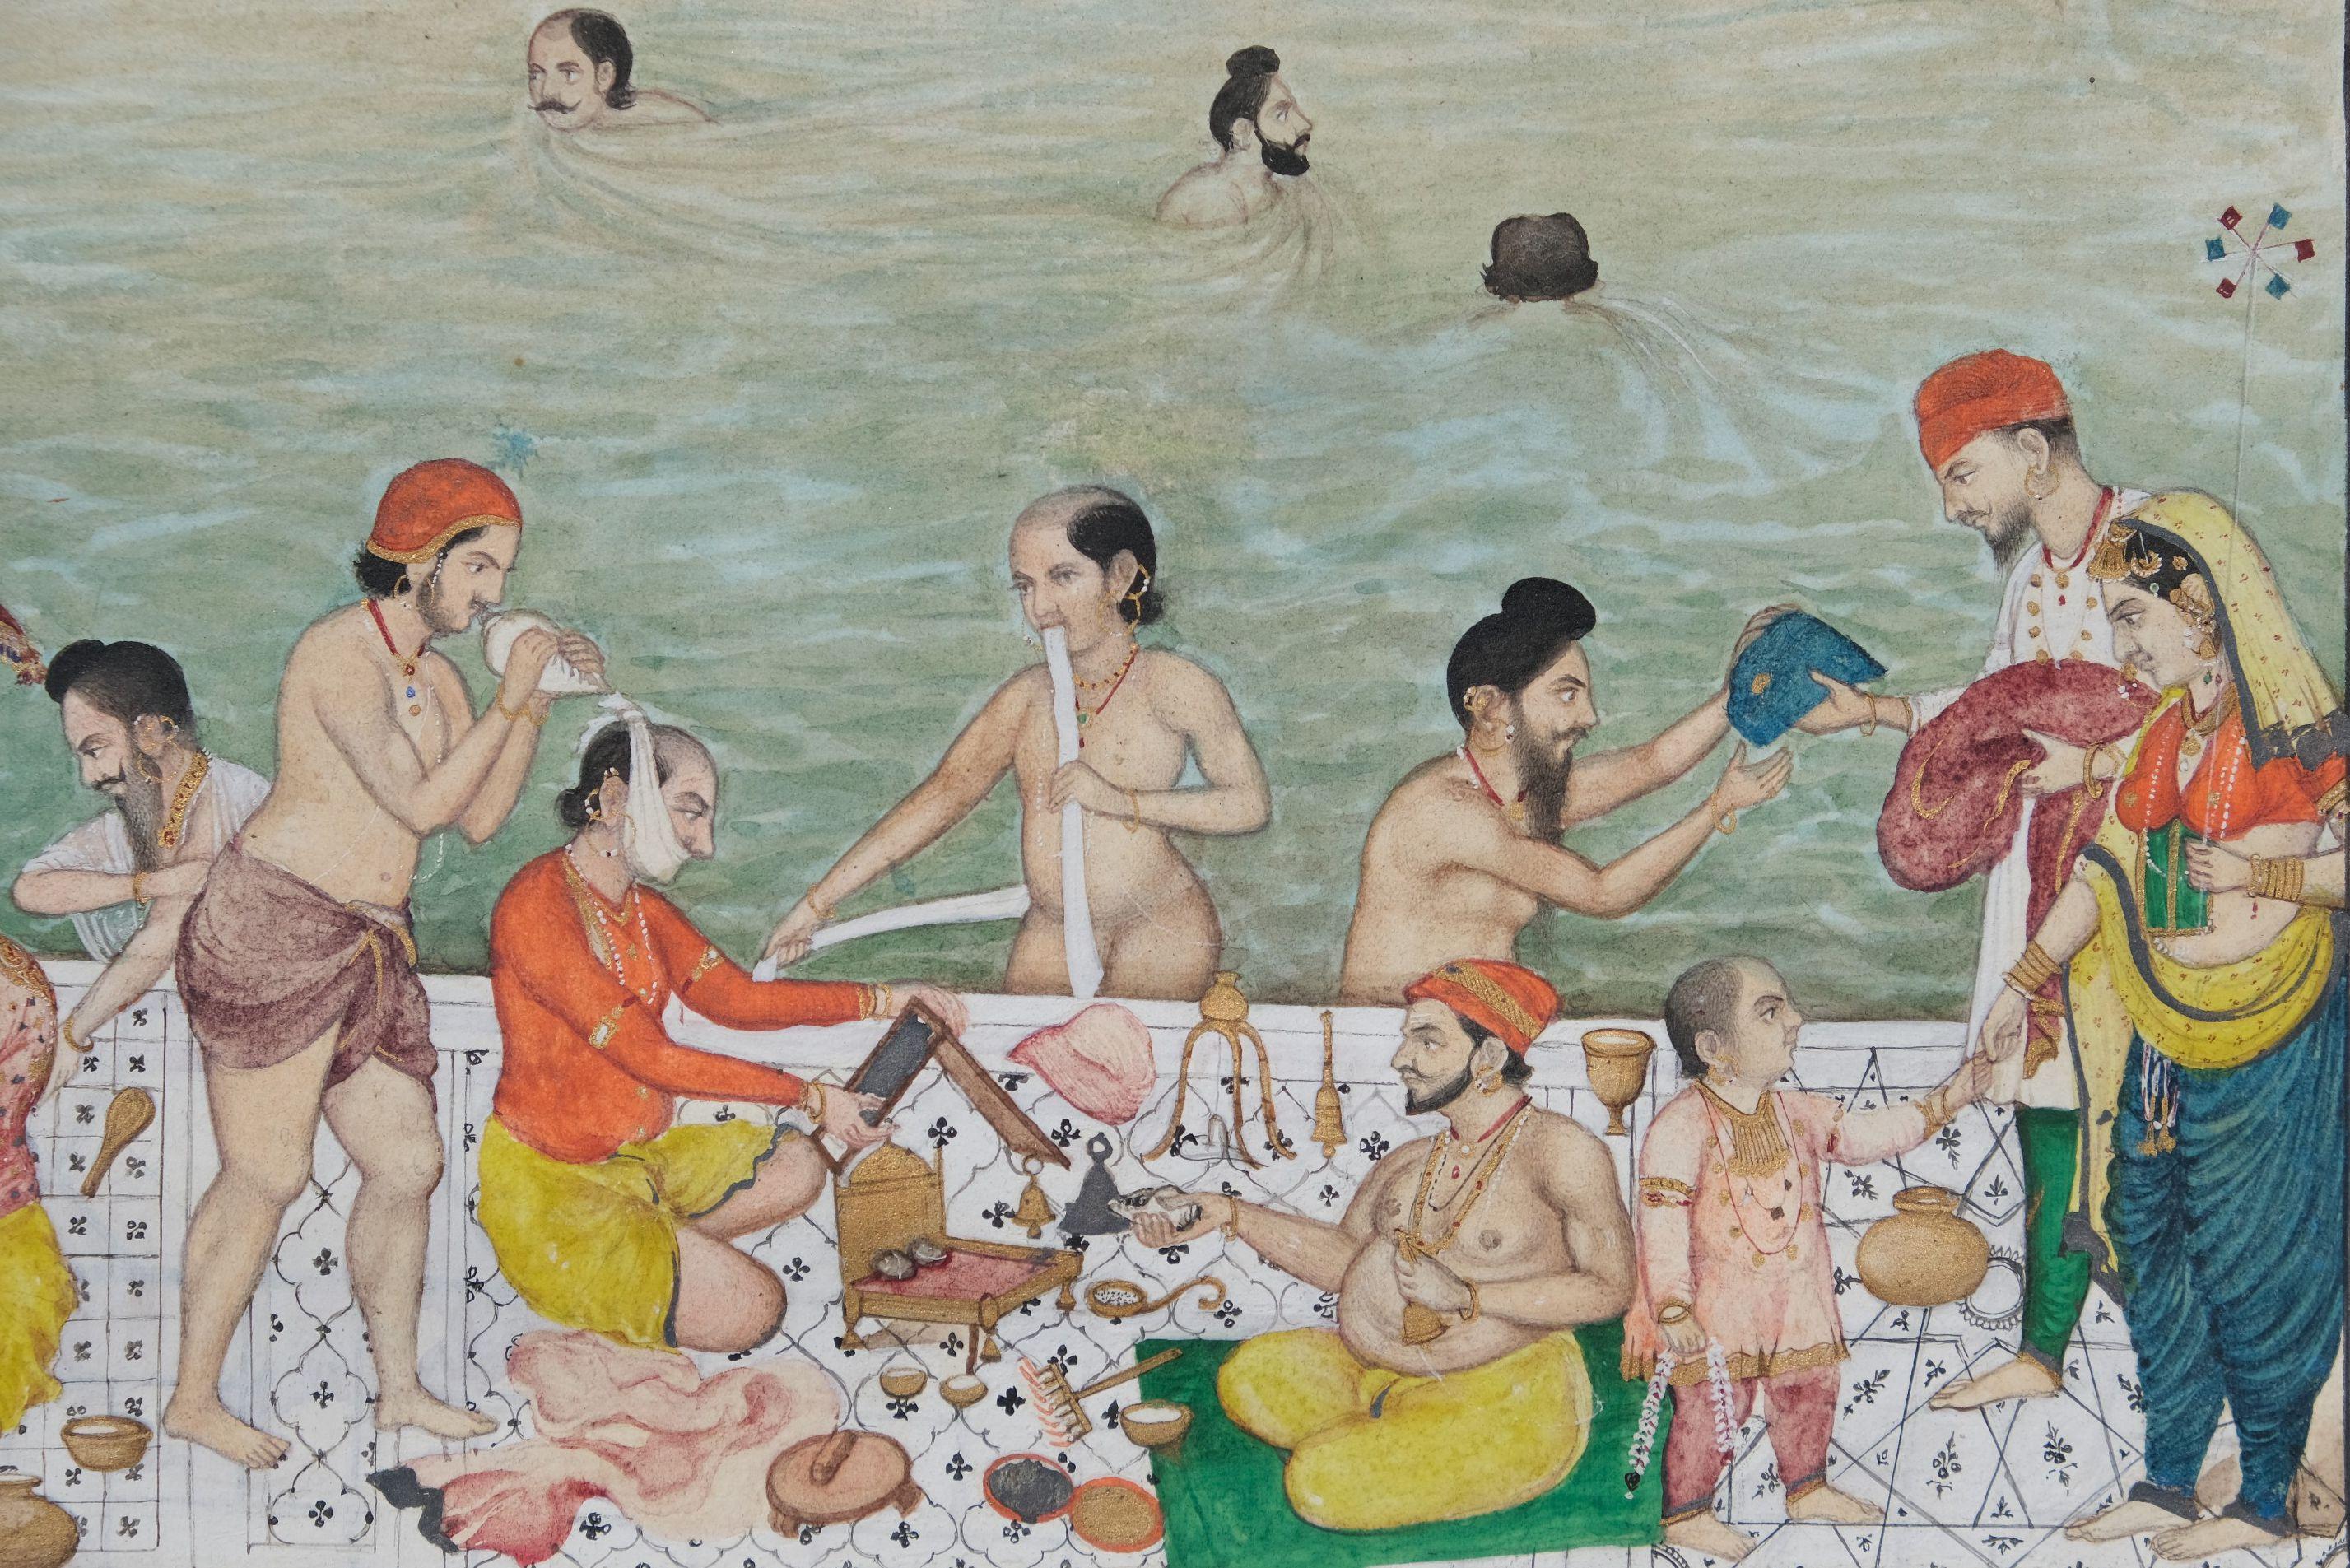 Scènes de vie au Harmandir Sahib, le Temple d'Or d'Amritsar Inde du nord, Penjab, Amritsar - Image 7 of 9